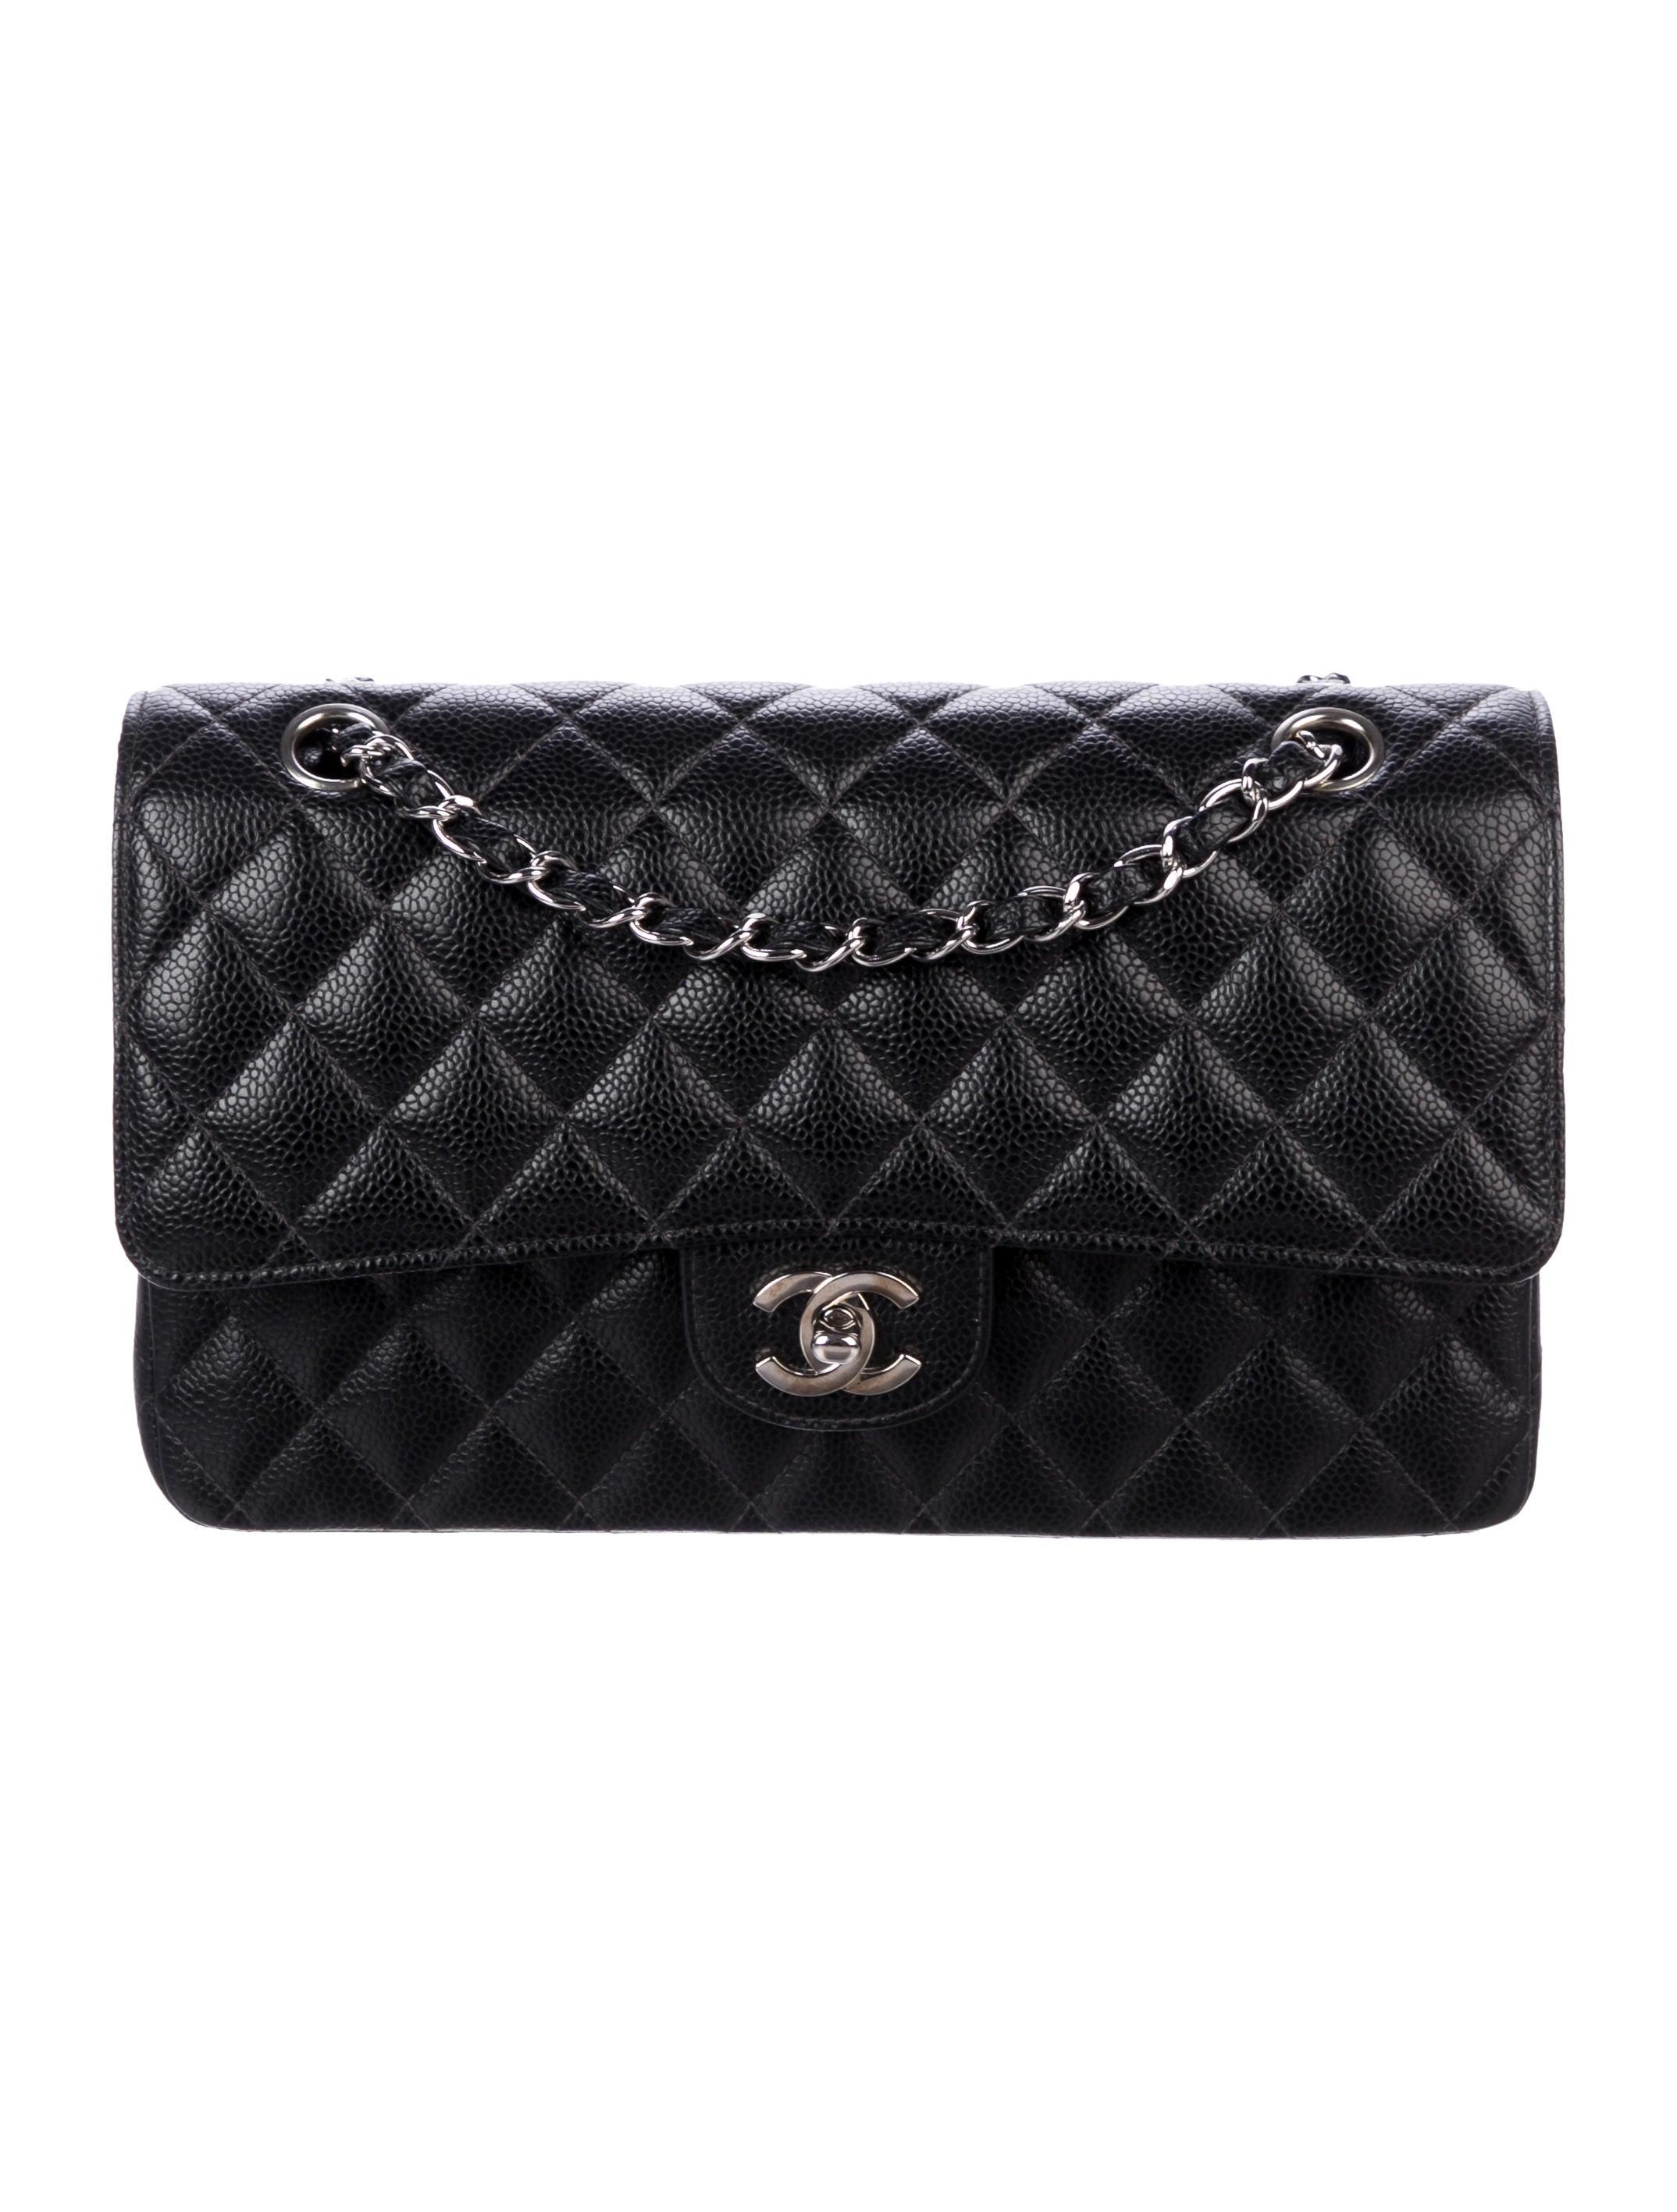 286bdc5f3d3e Chanel Classic Medium Double Flap Bag - Handbags - CHA346418